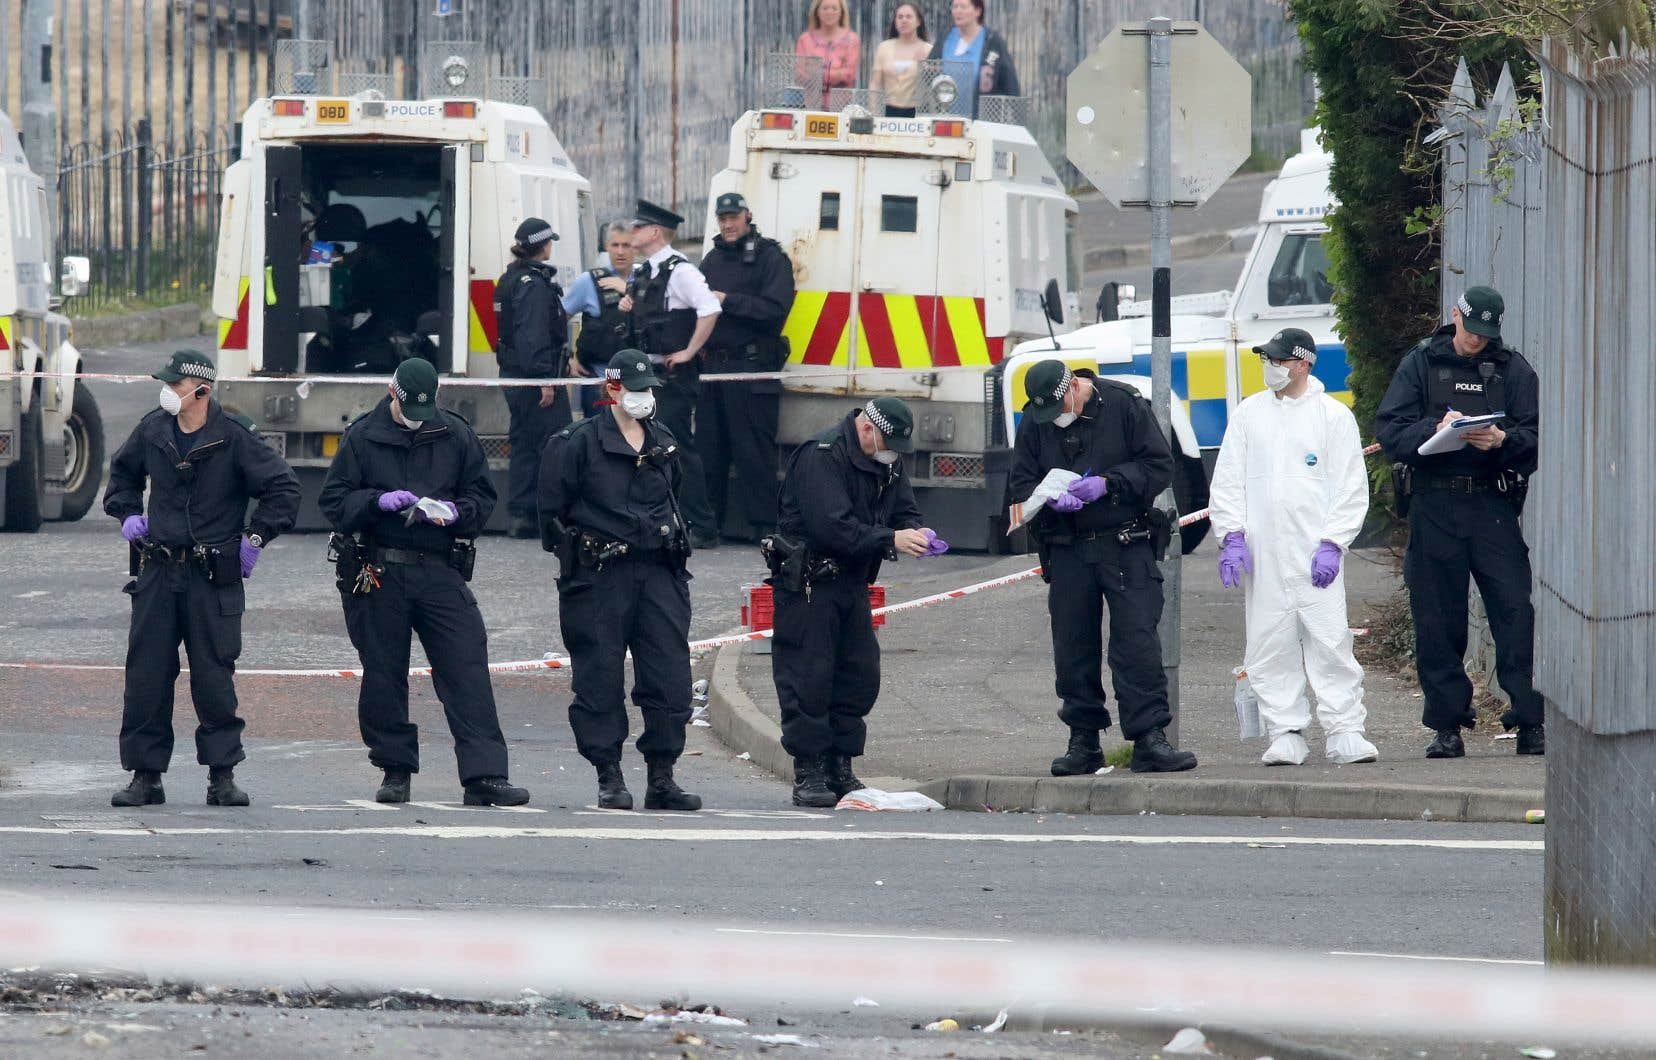 Après la mort de Lyra McKee, la police nord-irlandaise a affirmé avoir constaté un «changement radical» dans le quartier de Creggan, jusqu'ici réputé pour ses relations tendues avec les forces de l'ordre.